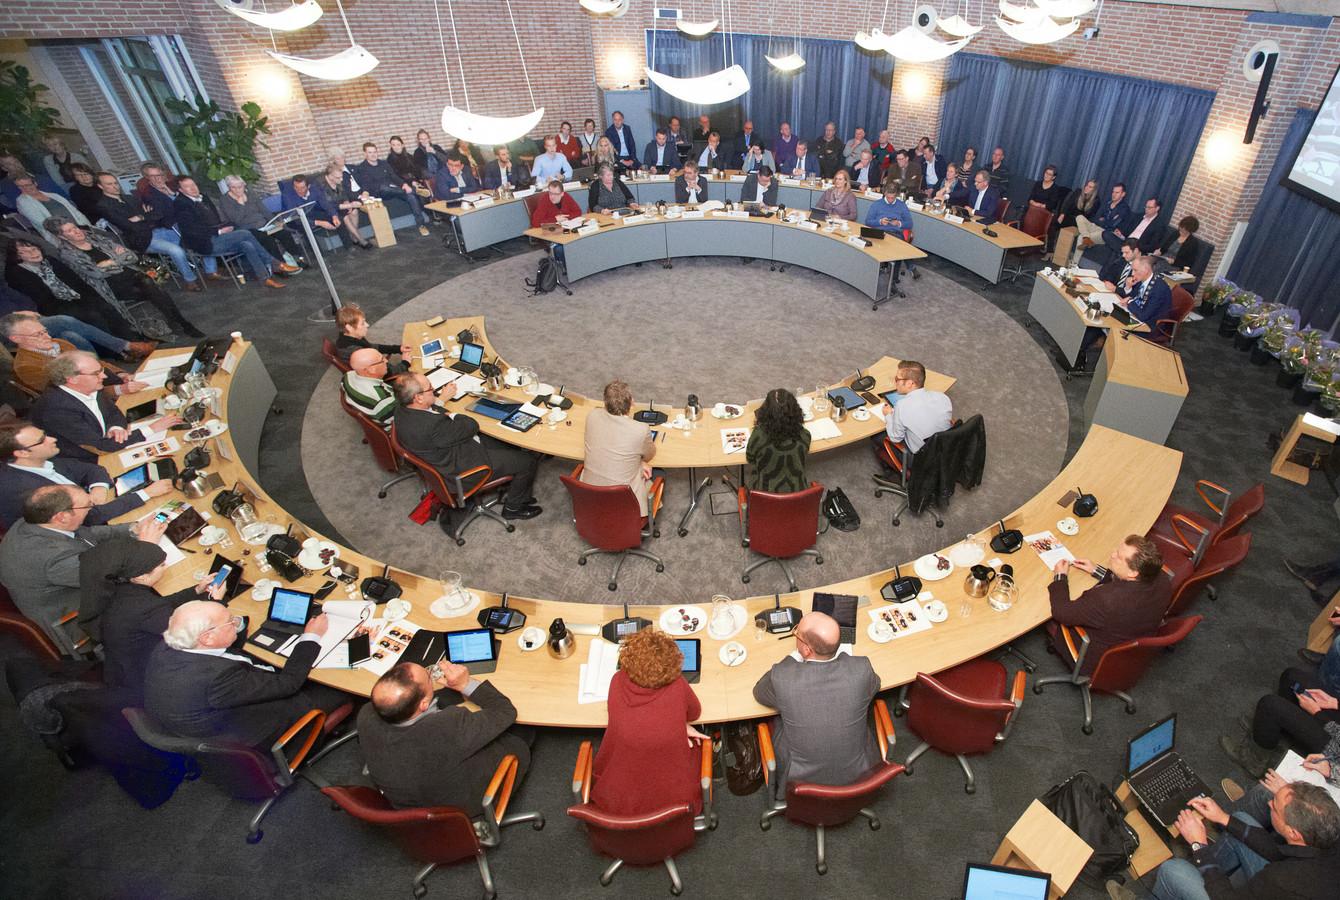 De gemeenteraad van Meierijstad staat voor lastige keuzes.